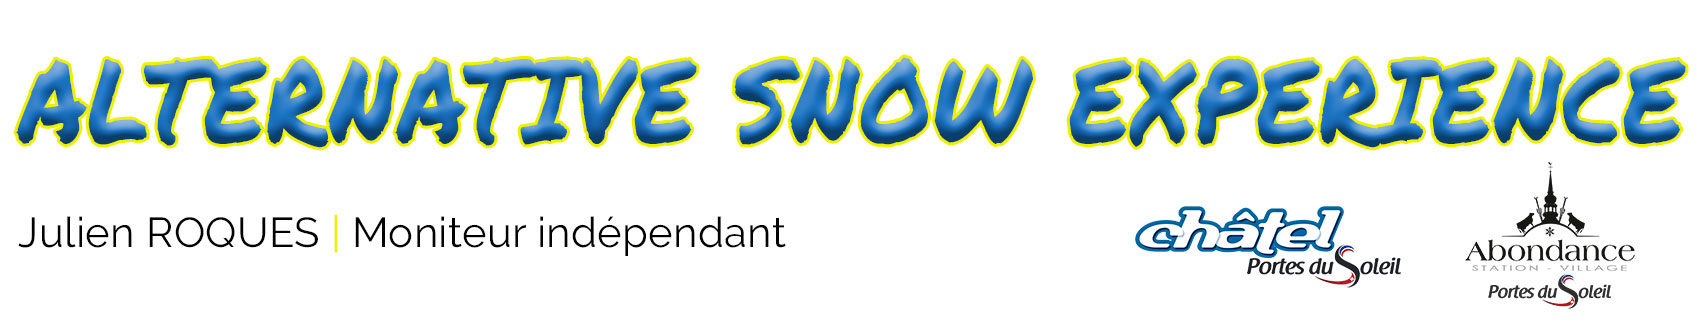 ALTERNATIVE SNOW EXPERIENCE - Julien ROQUES | Moniteur indépendant | Châtel Portes du Soleil